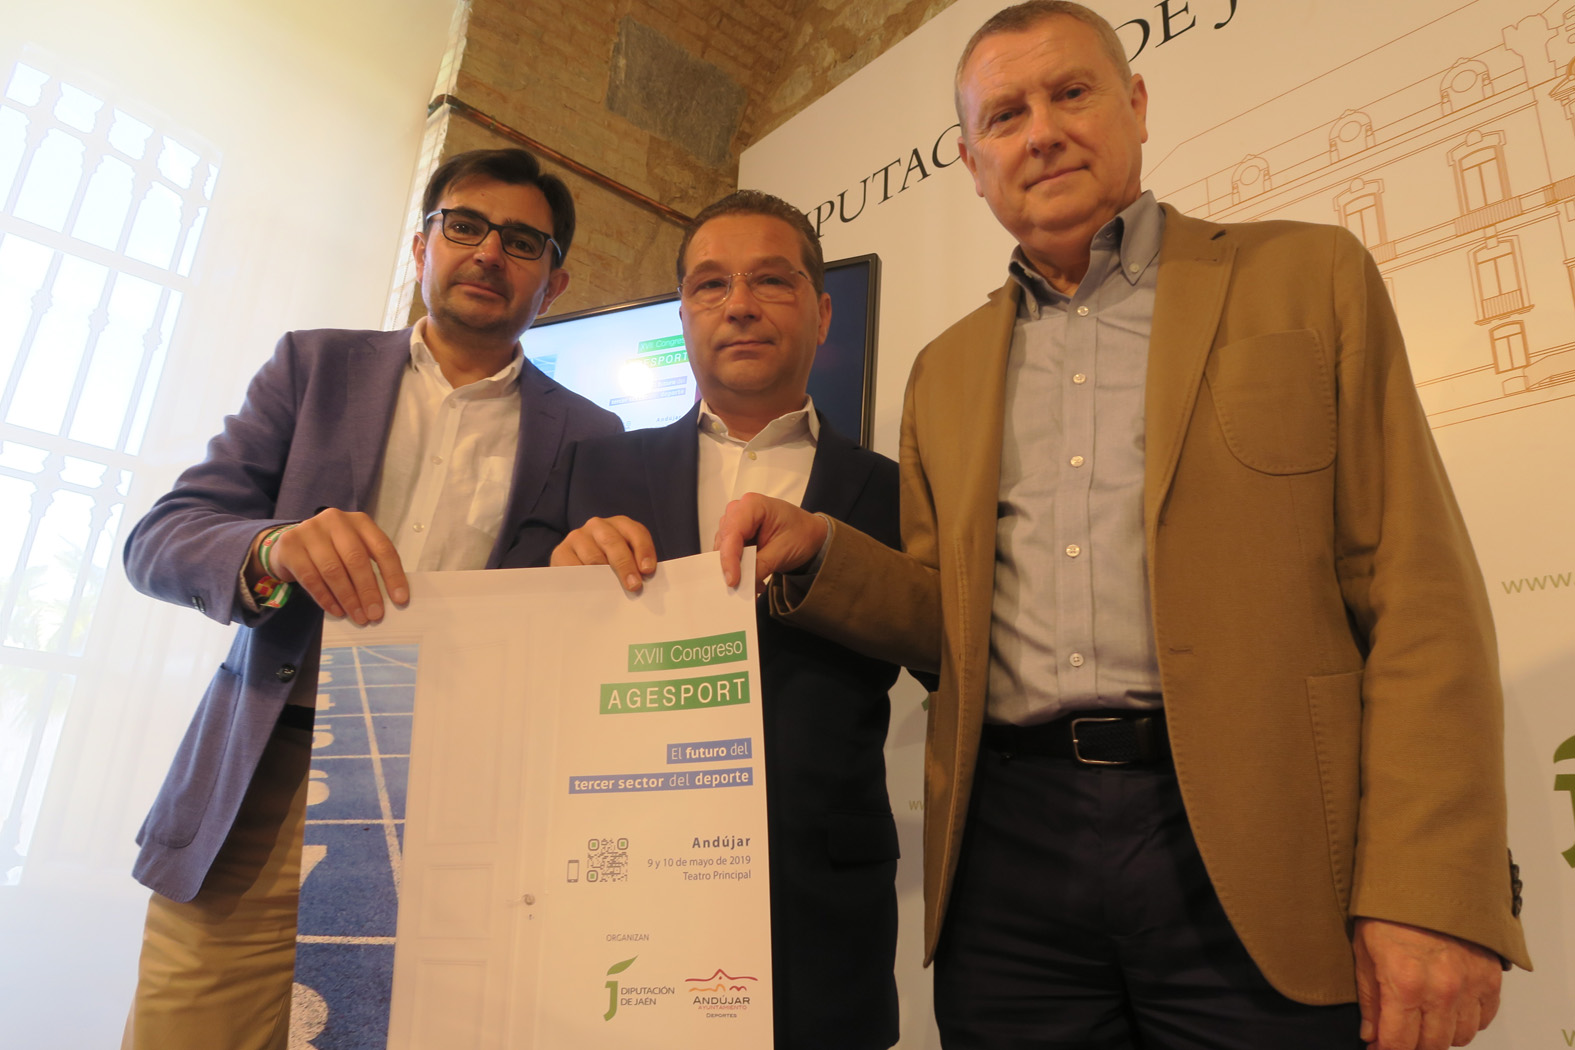 Cerca de 200 gestores deportivos se darán cita en Andújar entre el 9 y el 10 de mayo en el XVII Congreso Agesport